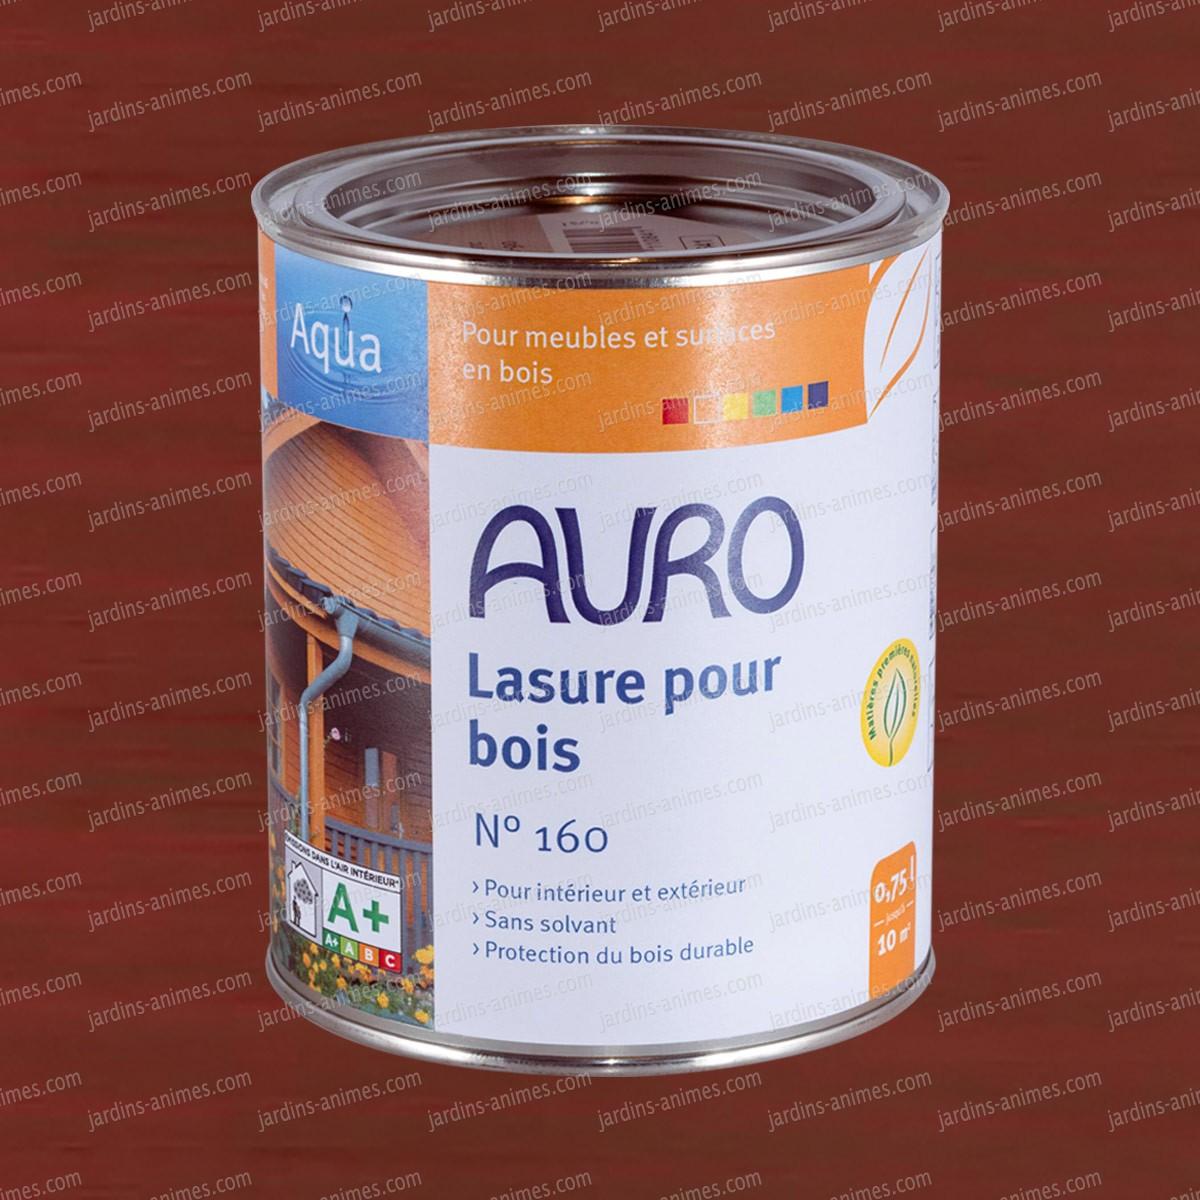 lasure bois aqua acajou auro 160 37 peintures et traitements pour le bois. Black Bedroom Furniture Sets. Home Design Ideas